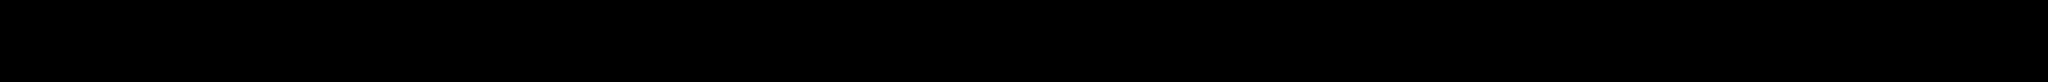 TEDGUM Manicotto, Supporto braccio trasversale